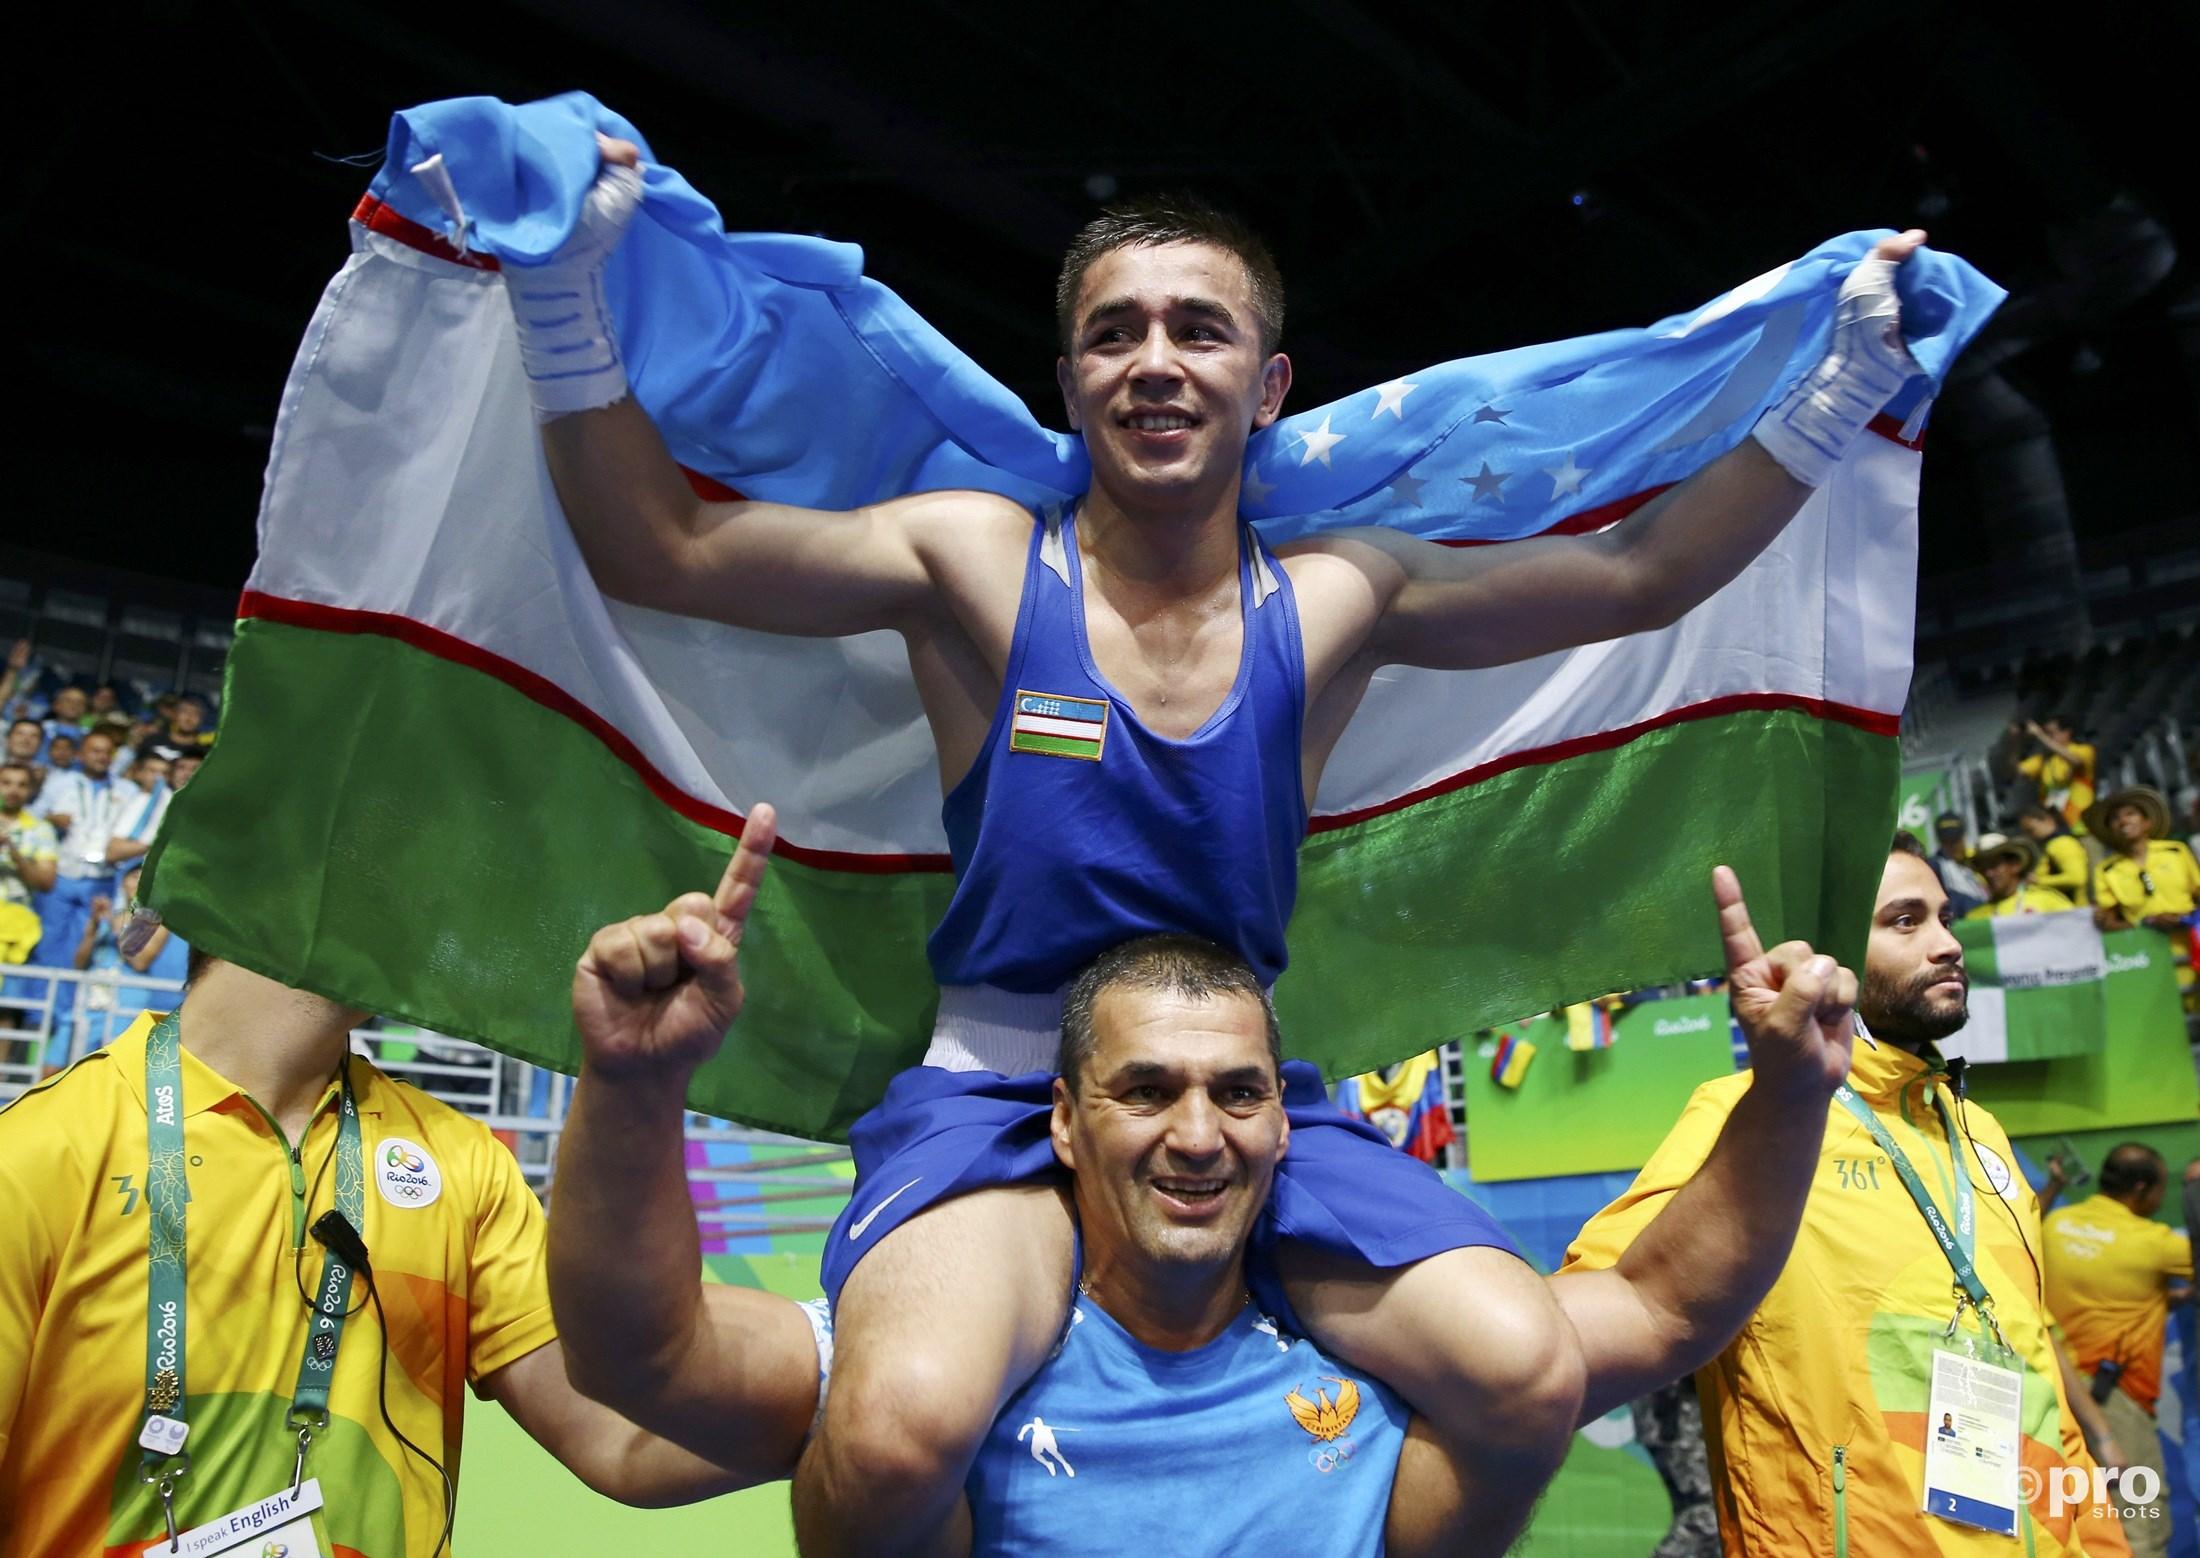 Dusmatov viert zijn gouden medaille (PROSHOTS/Action Images)